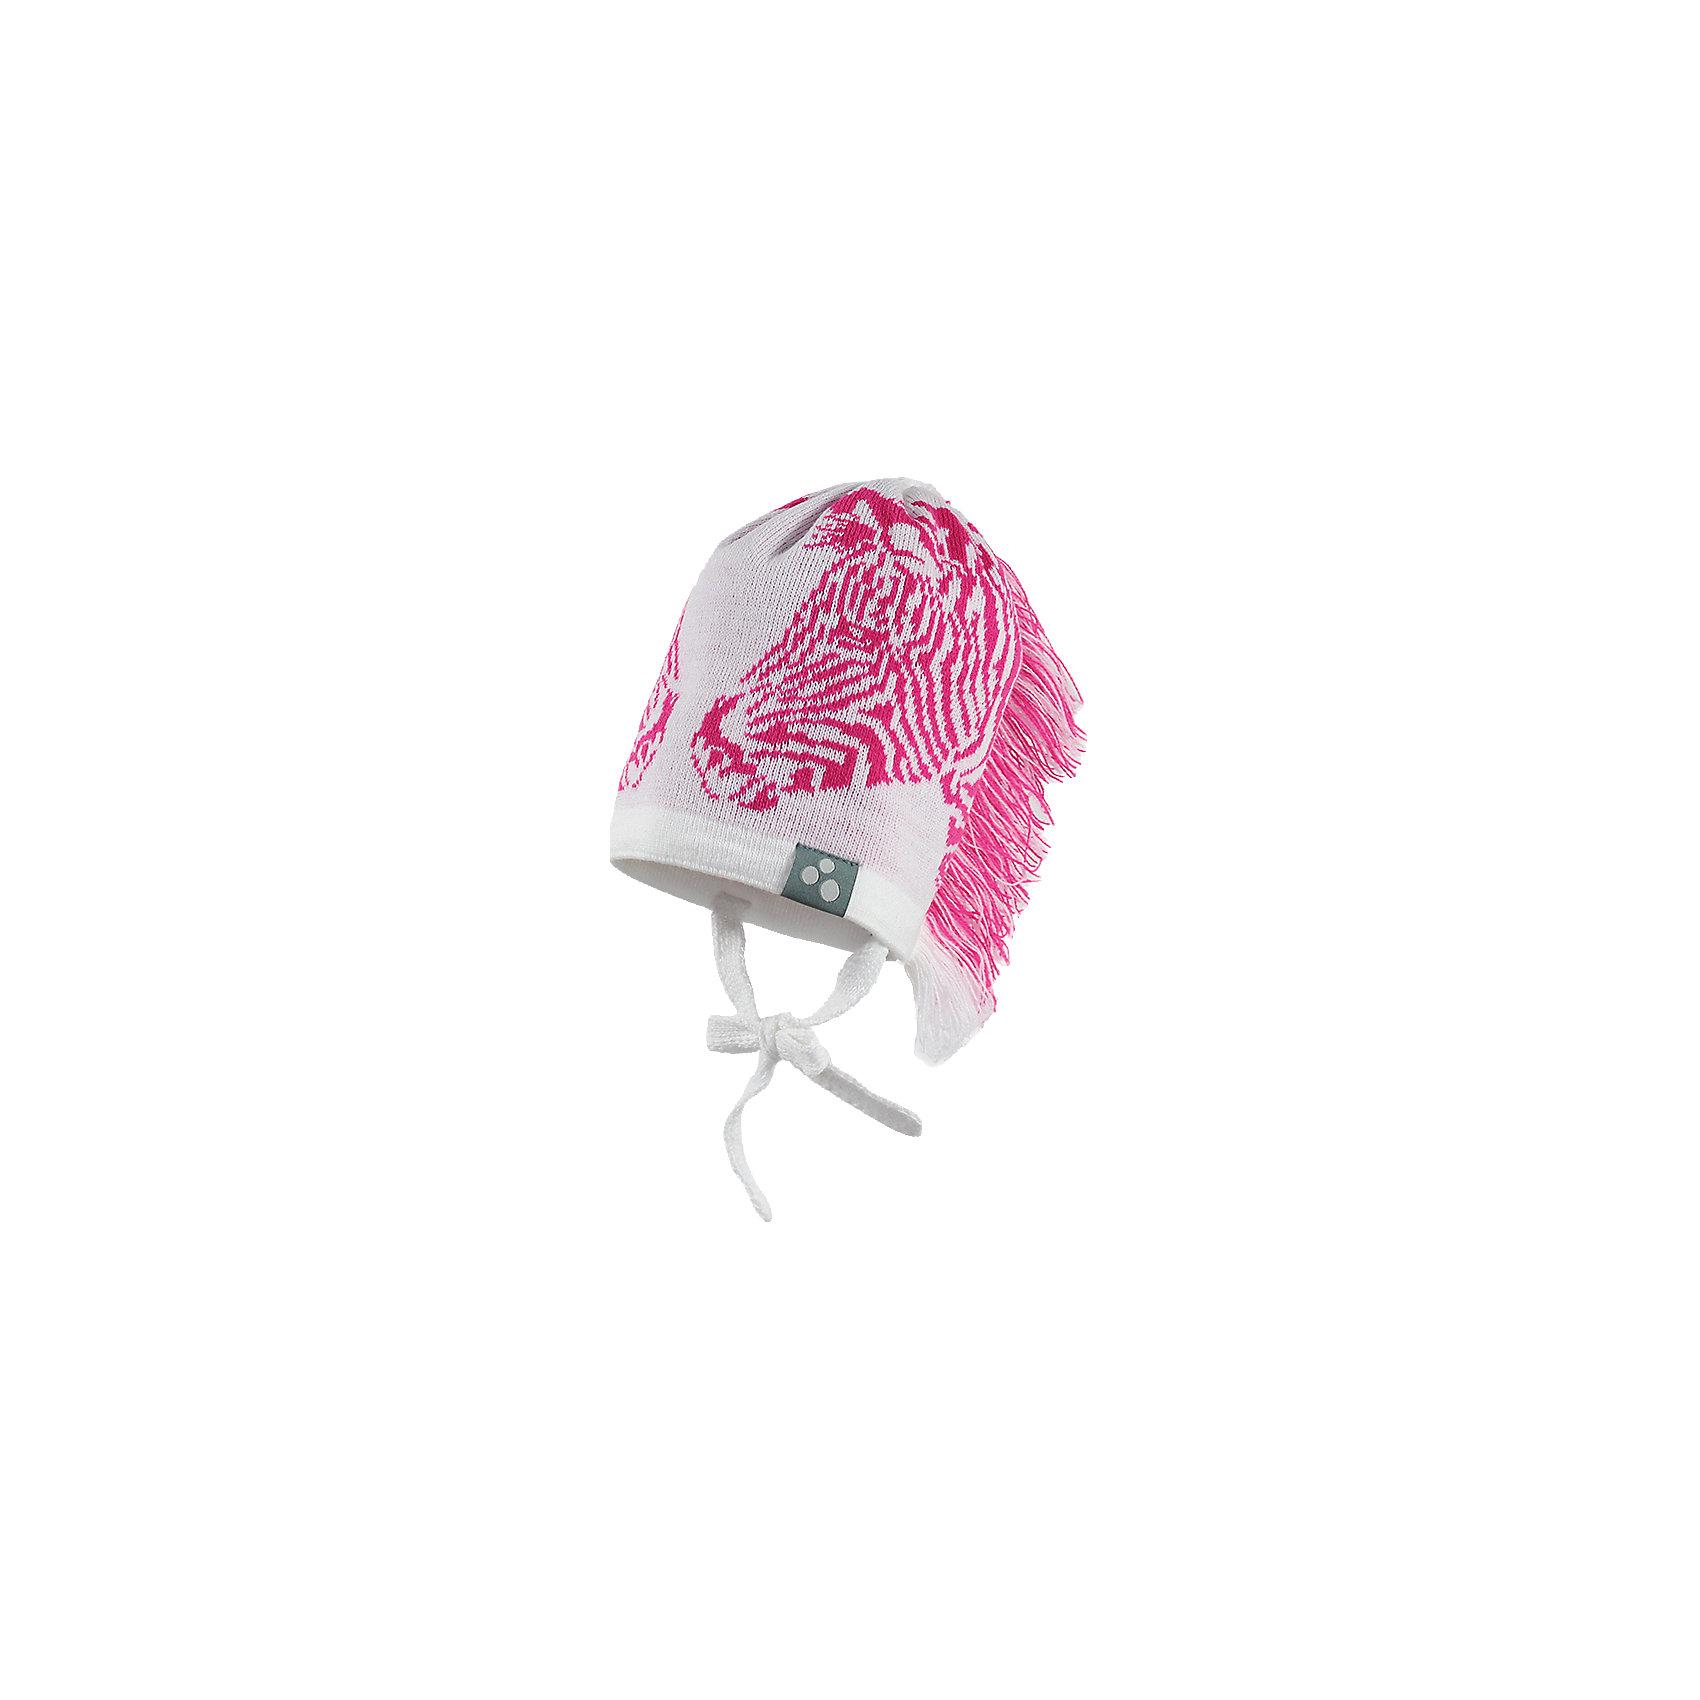 Шапка  HuppaДемисезонные<br>Необычная зимняя шапка Zebra от Huppa(хуппа) непременно удивит и понравится ребенку и окружающим. Шапка изготовлена из шерсти и акрила, с подкладкой из хлопка, имеет 2 завязки. Оригинальный дизайн с зеброй и хвостиком идеально подойдут для ребенка.<br><br>Дополнительная информация:<br>Цвет: белый/розовый<br>Материал: 50% мериносовая шерсть, 50% акрил<br><br><br>Шапку Huppa(хуппа) вы можете купить в нашем интернет-магазине.<br><br>Ширина мм: 89<br>Глубина мм: 117<br>Высота мм: 44<br>Вес г: 155<br>Цвет: белый<br>Возраст от месяцев: 12<br>Возраст до месяцев: 24<br>Пол: Женский<br>Возраст: Детский<br>Размер: 47-49,55-57,51-53<br>SKU: 4923501